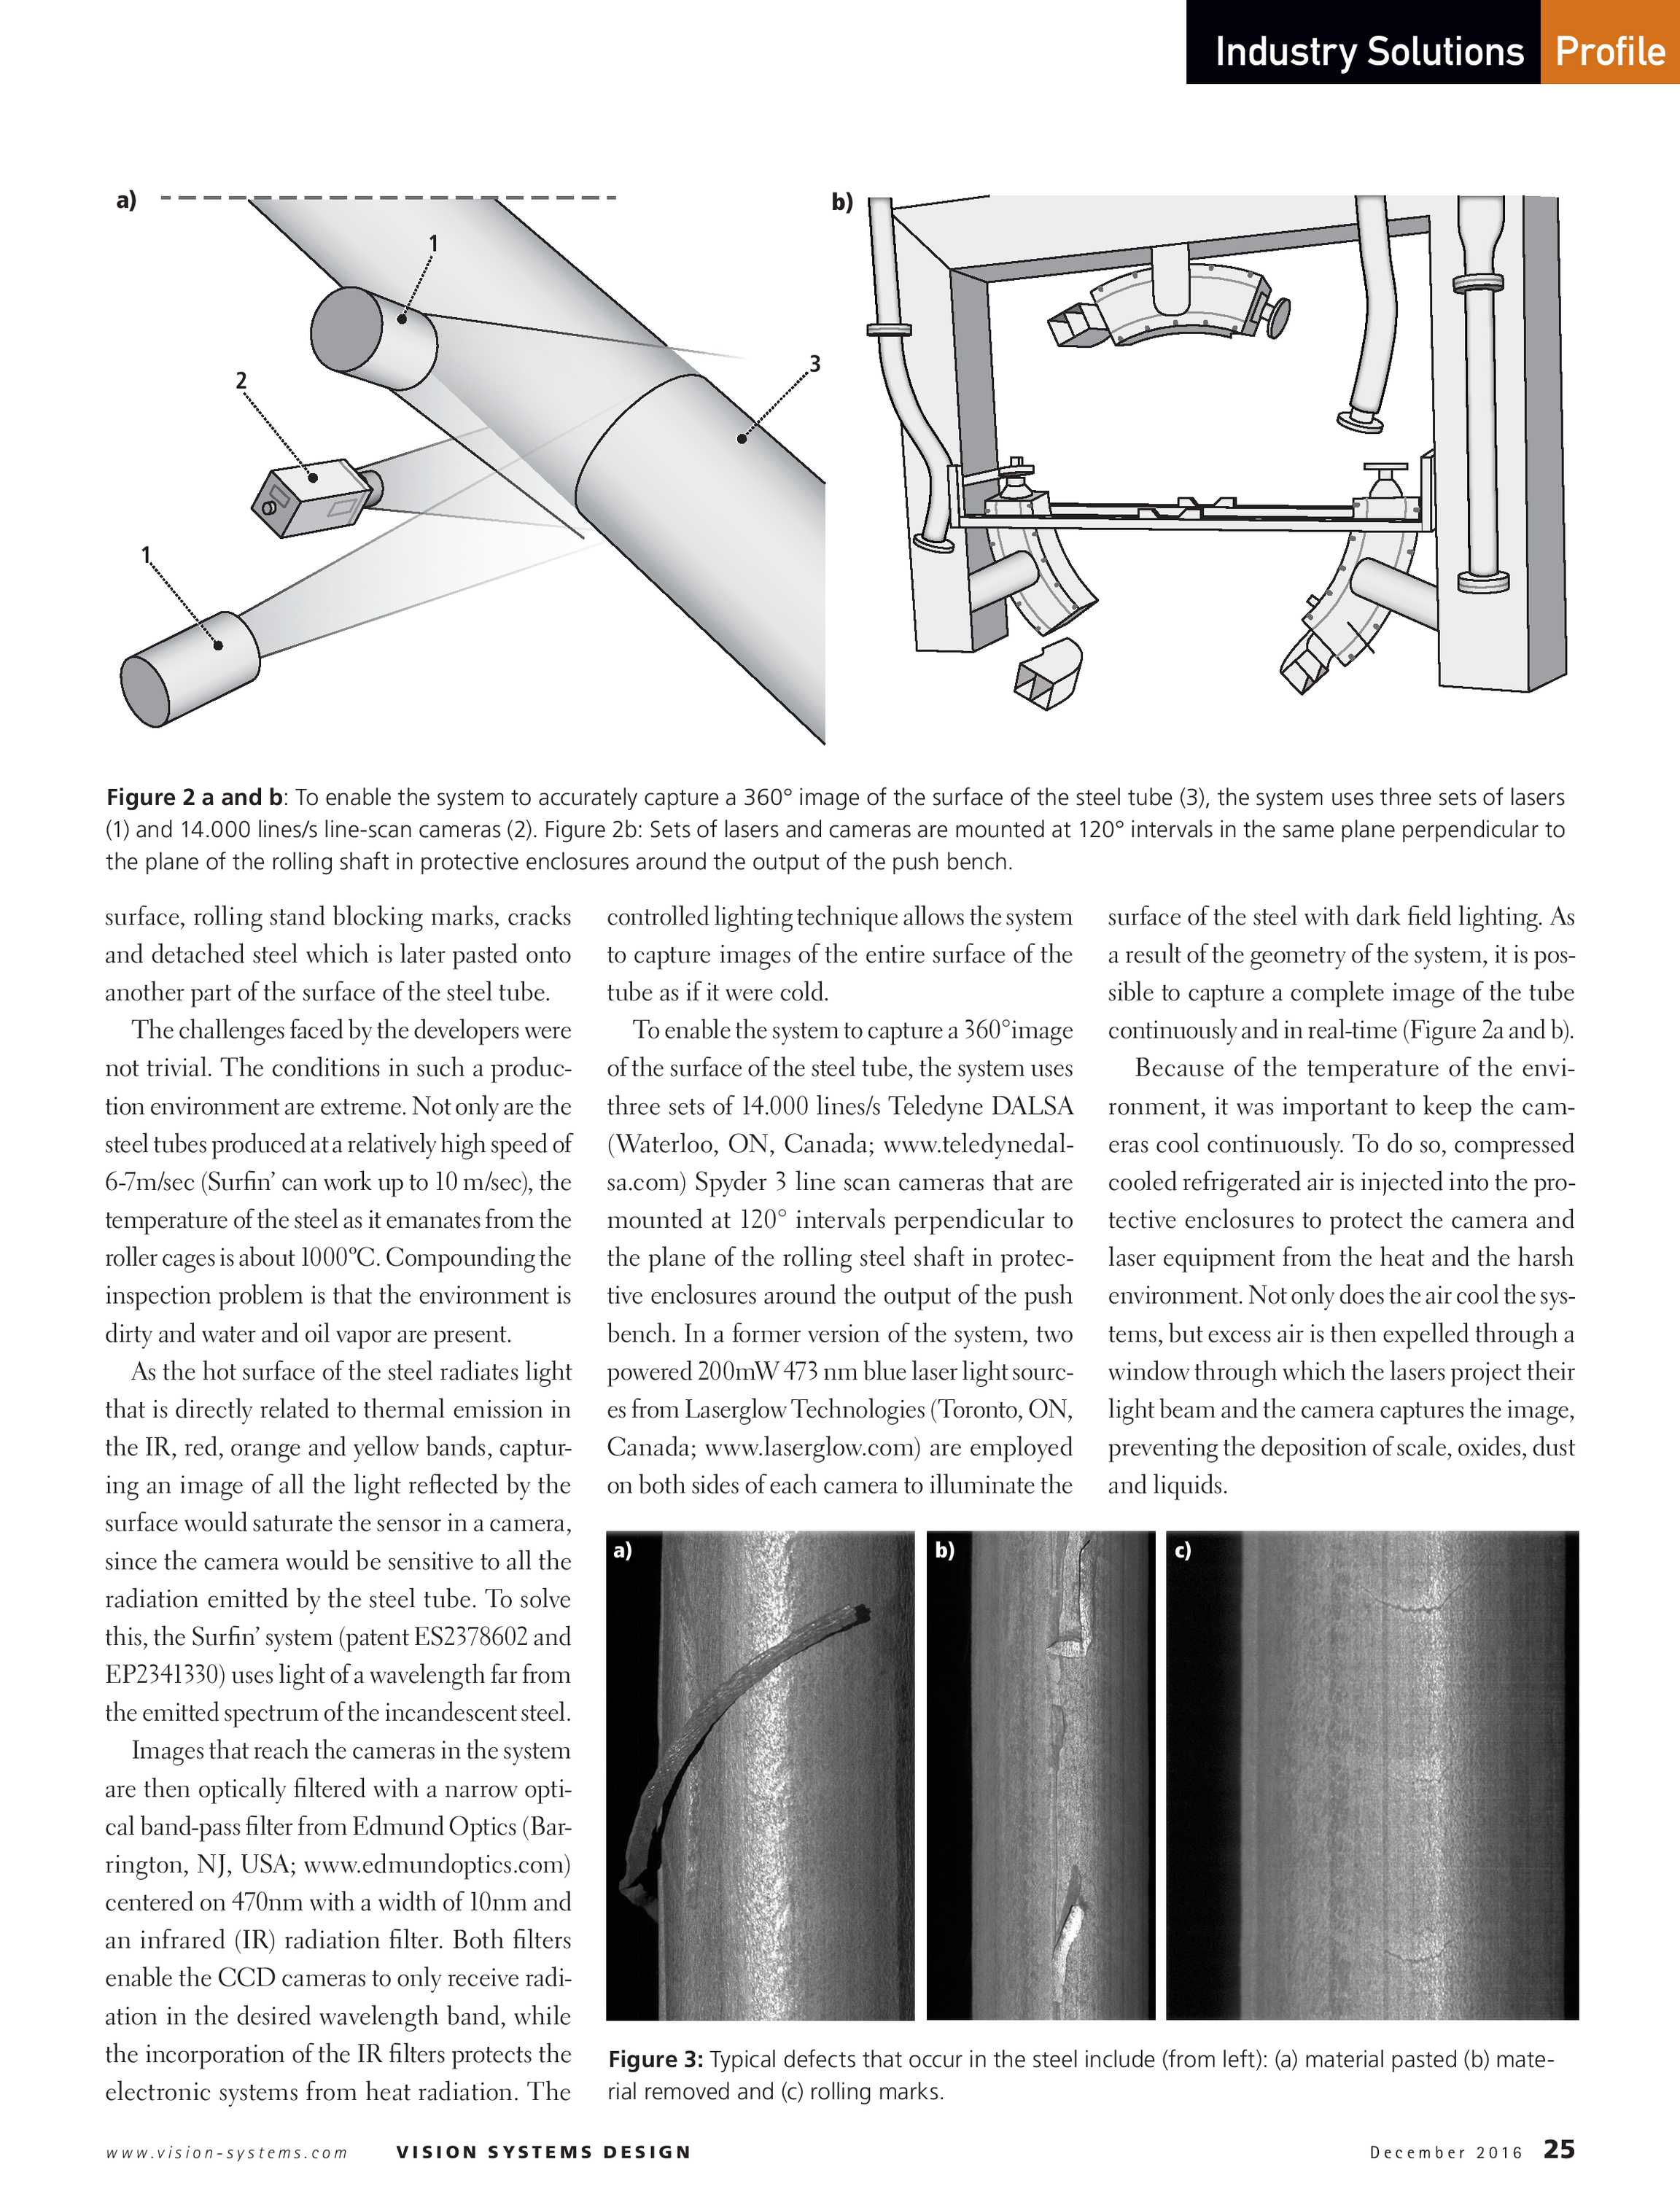 medium resolution of page 25